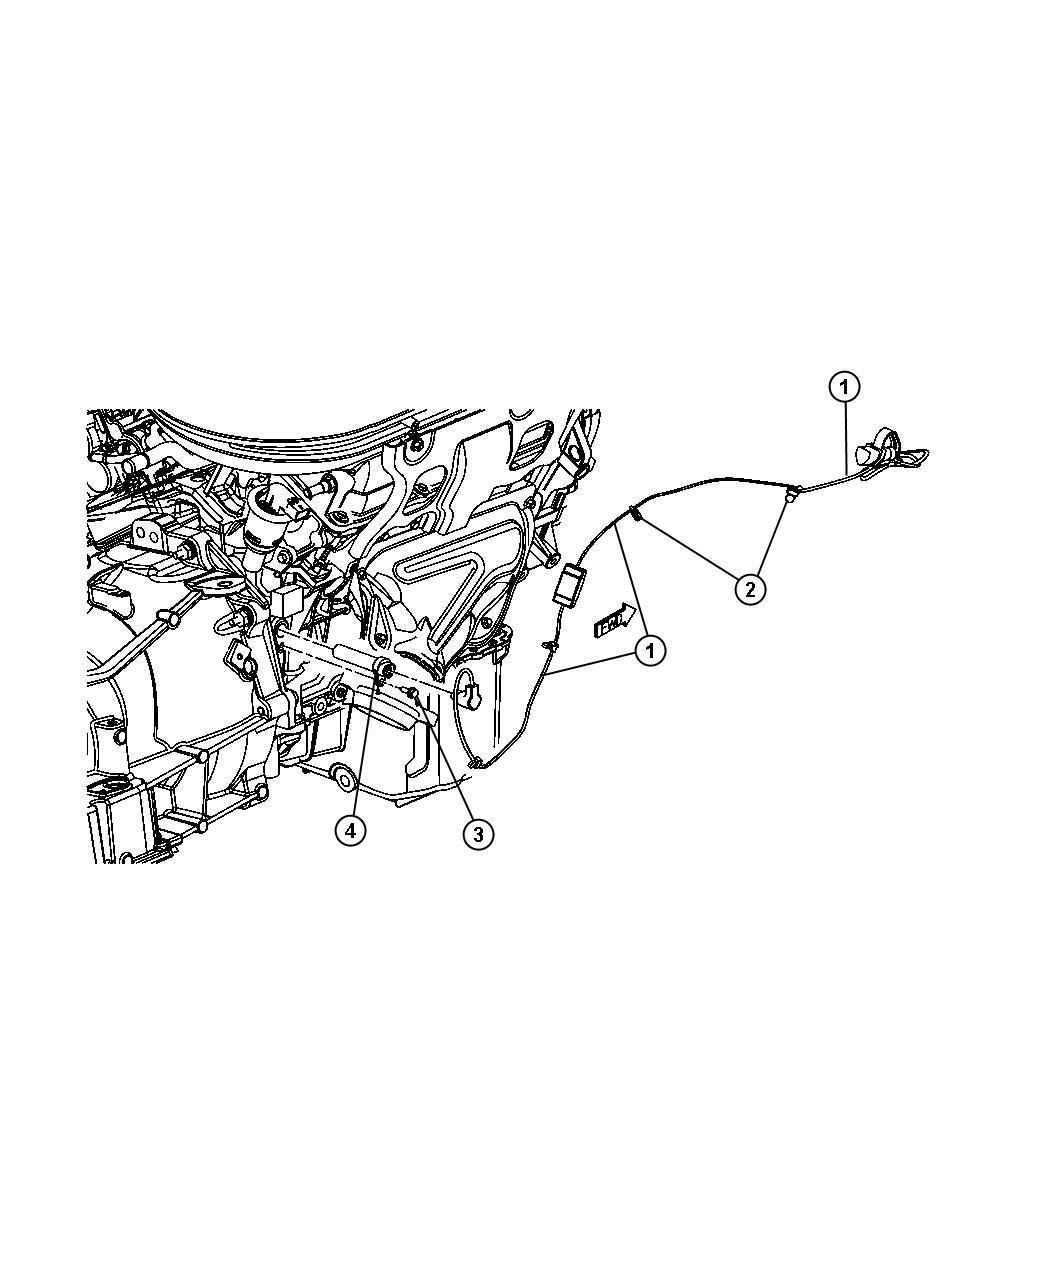 Engine Cylinder Block Heater 3 5l 3 5l High Output V6 24v